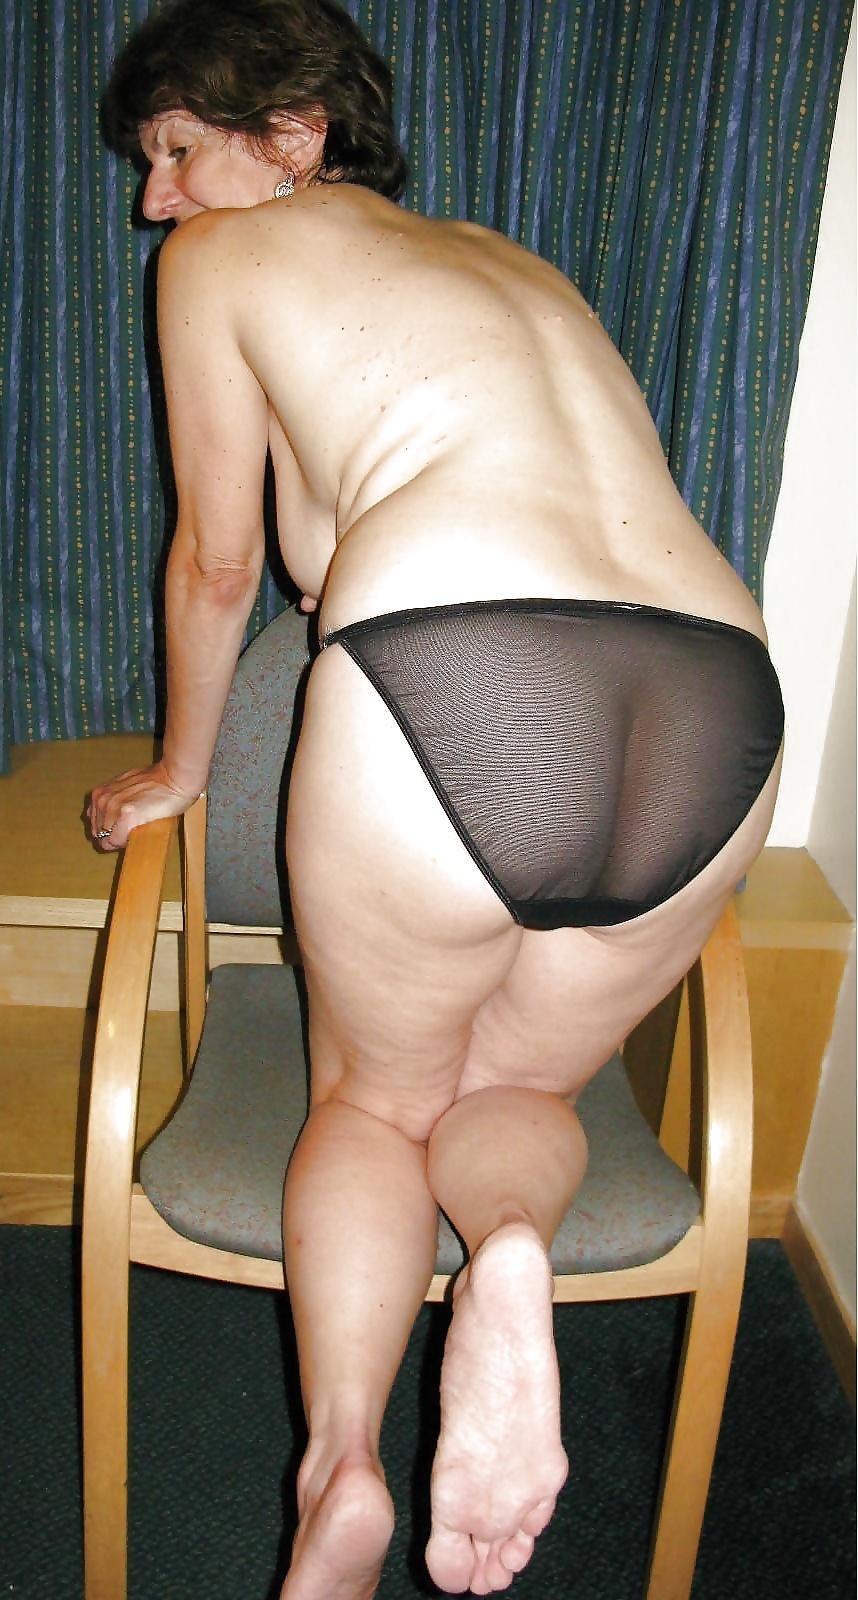 free hausfrauen porno sexbilder von hausfrauen